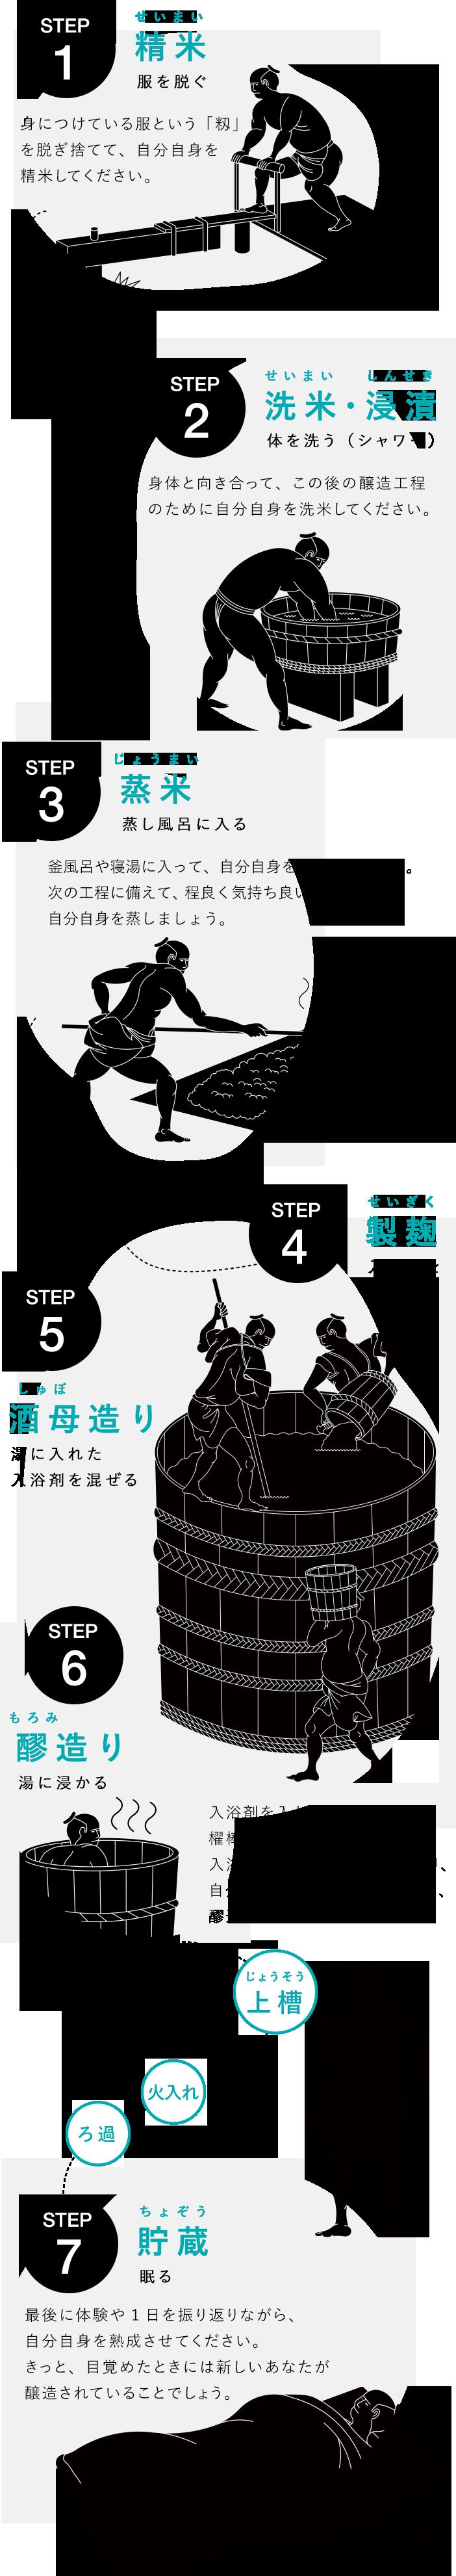 施設の楽しみ方について、STEP1「精米」〜STEP7「貯蔵」までの流れをご紹介します。